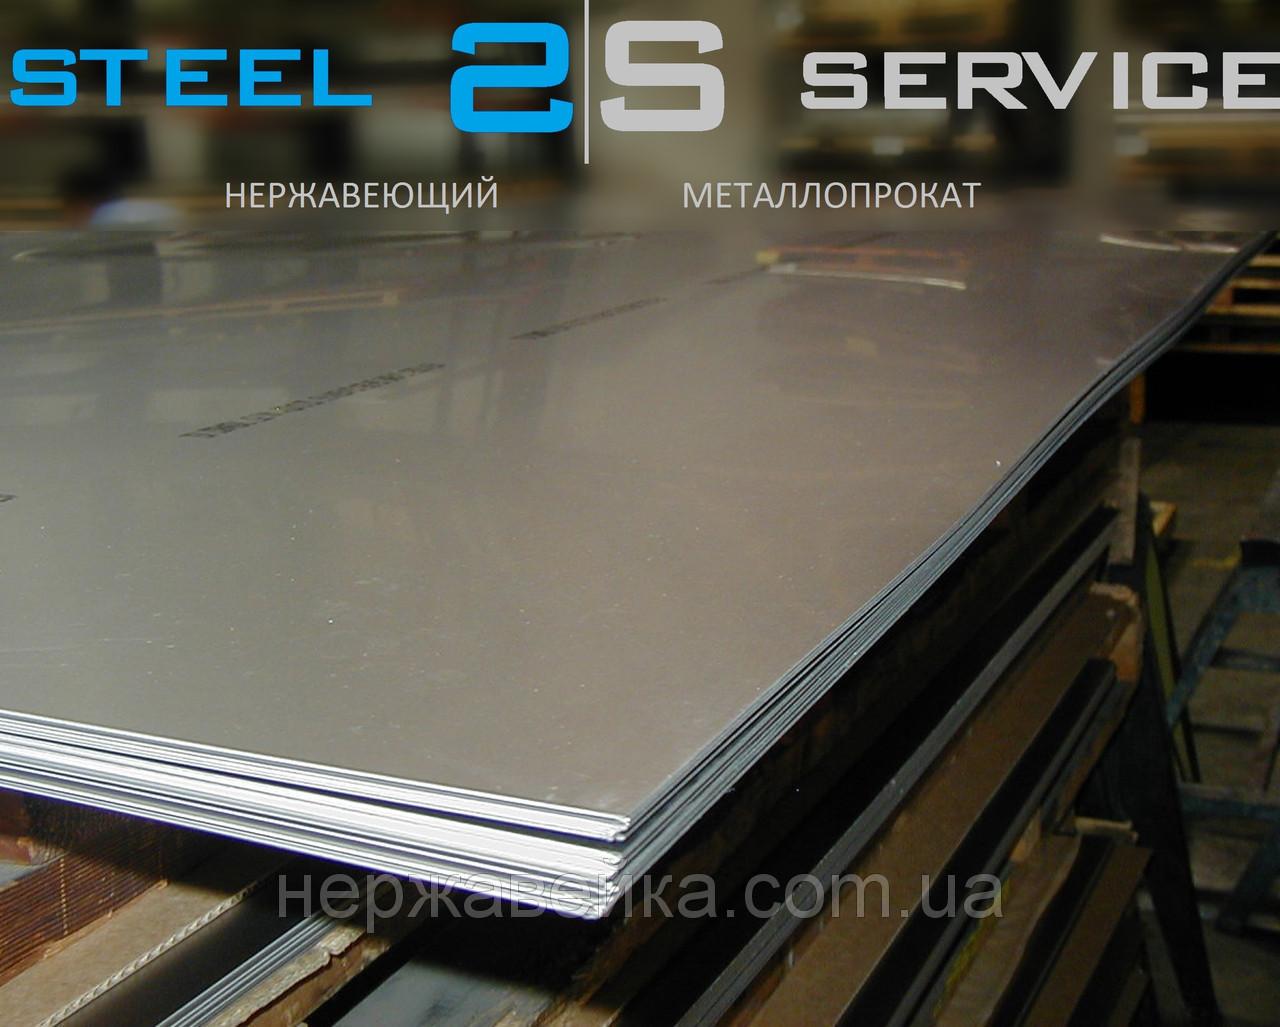 Нержавеющий лист 1,5х1500х3000мм  AISI 304(08Х18Н10) 4N - шлифованный,  пищевой